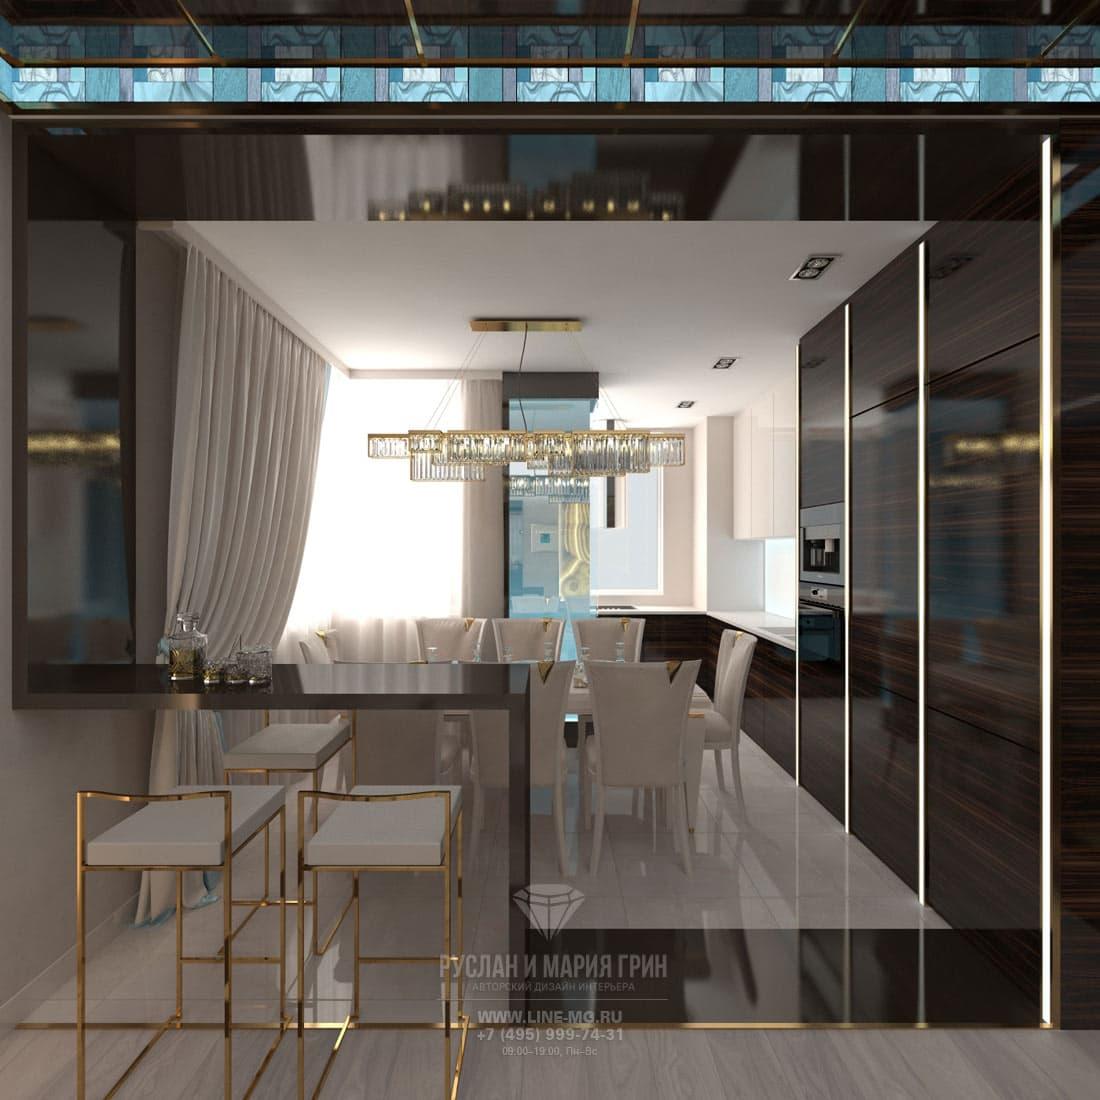 Дизайн красивой квартиры. Фото интерьера кухни-столовой